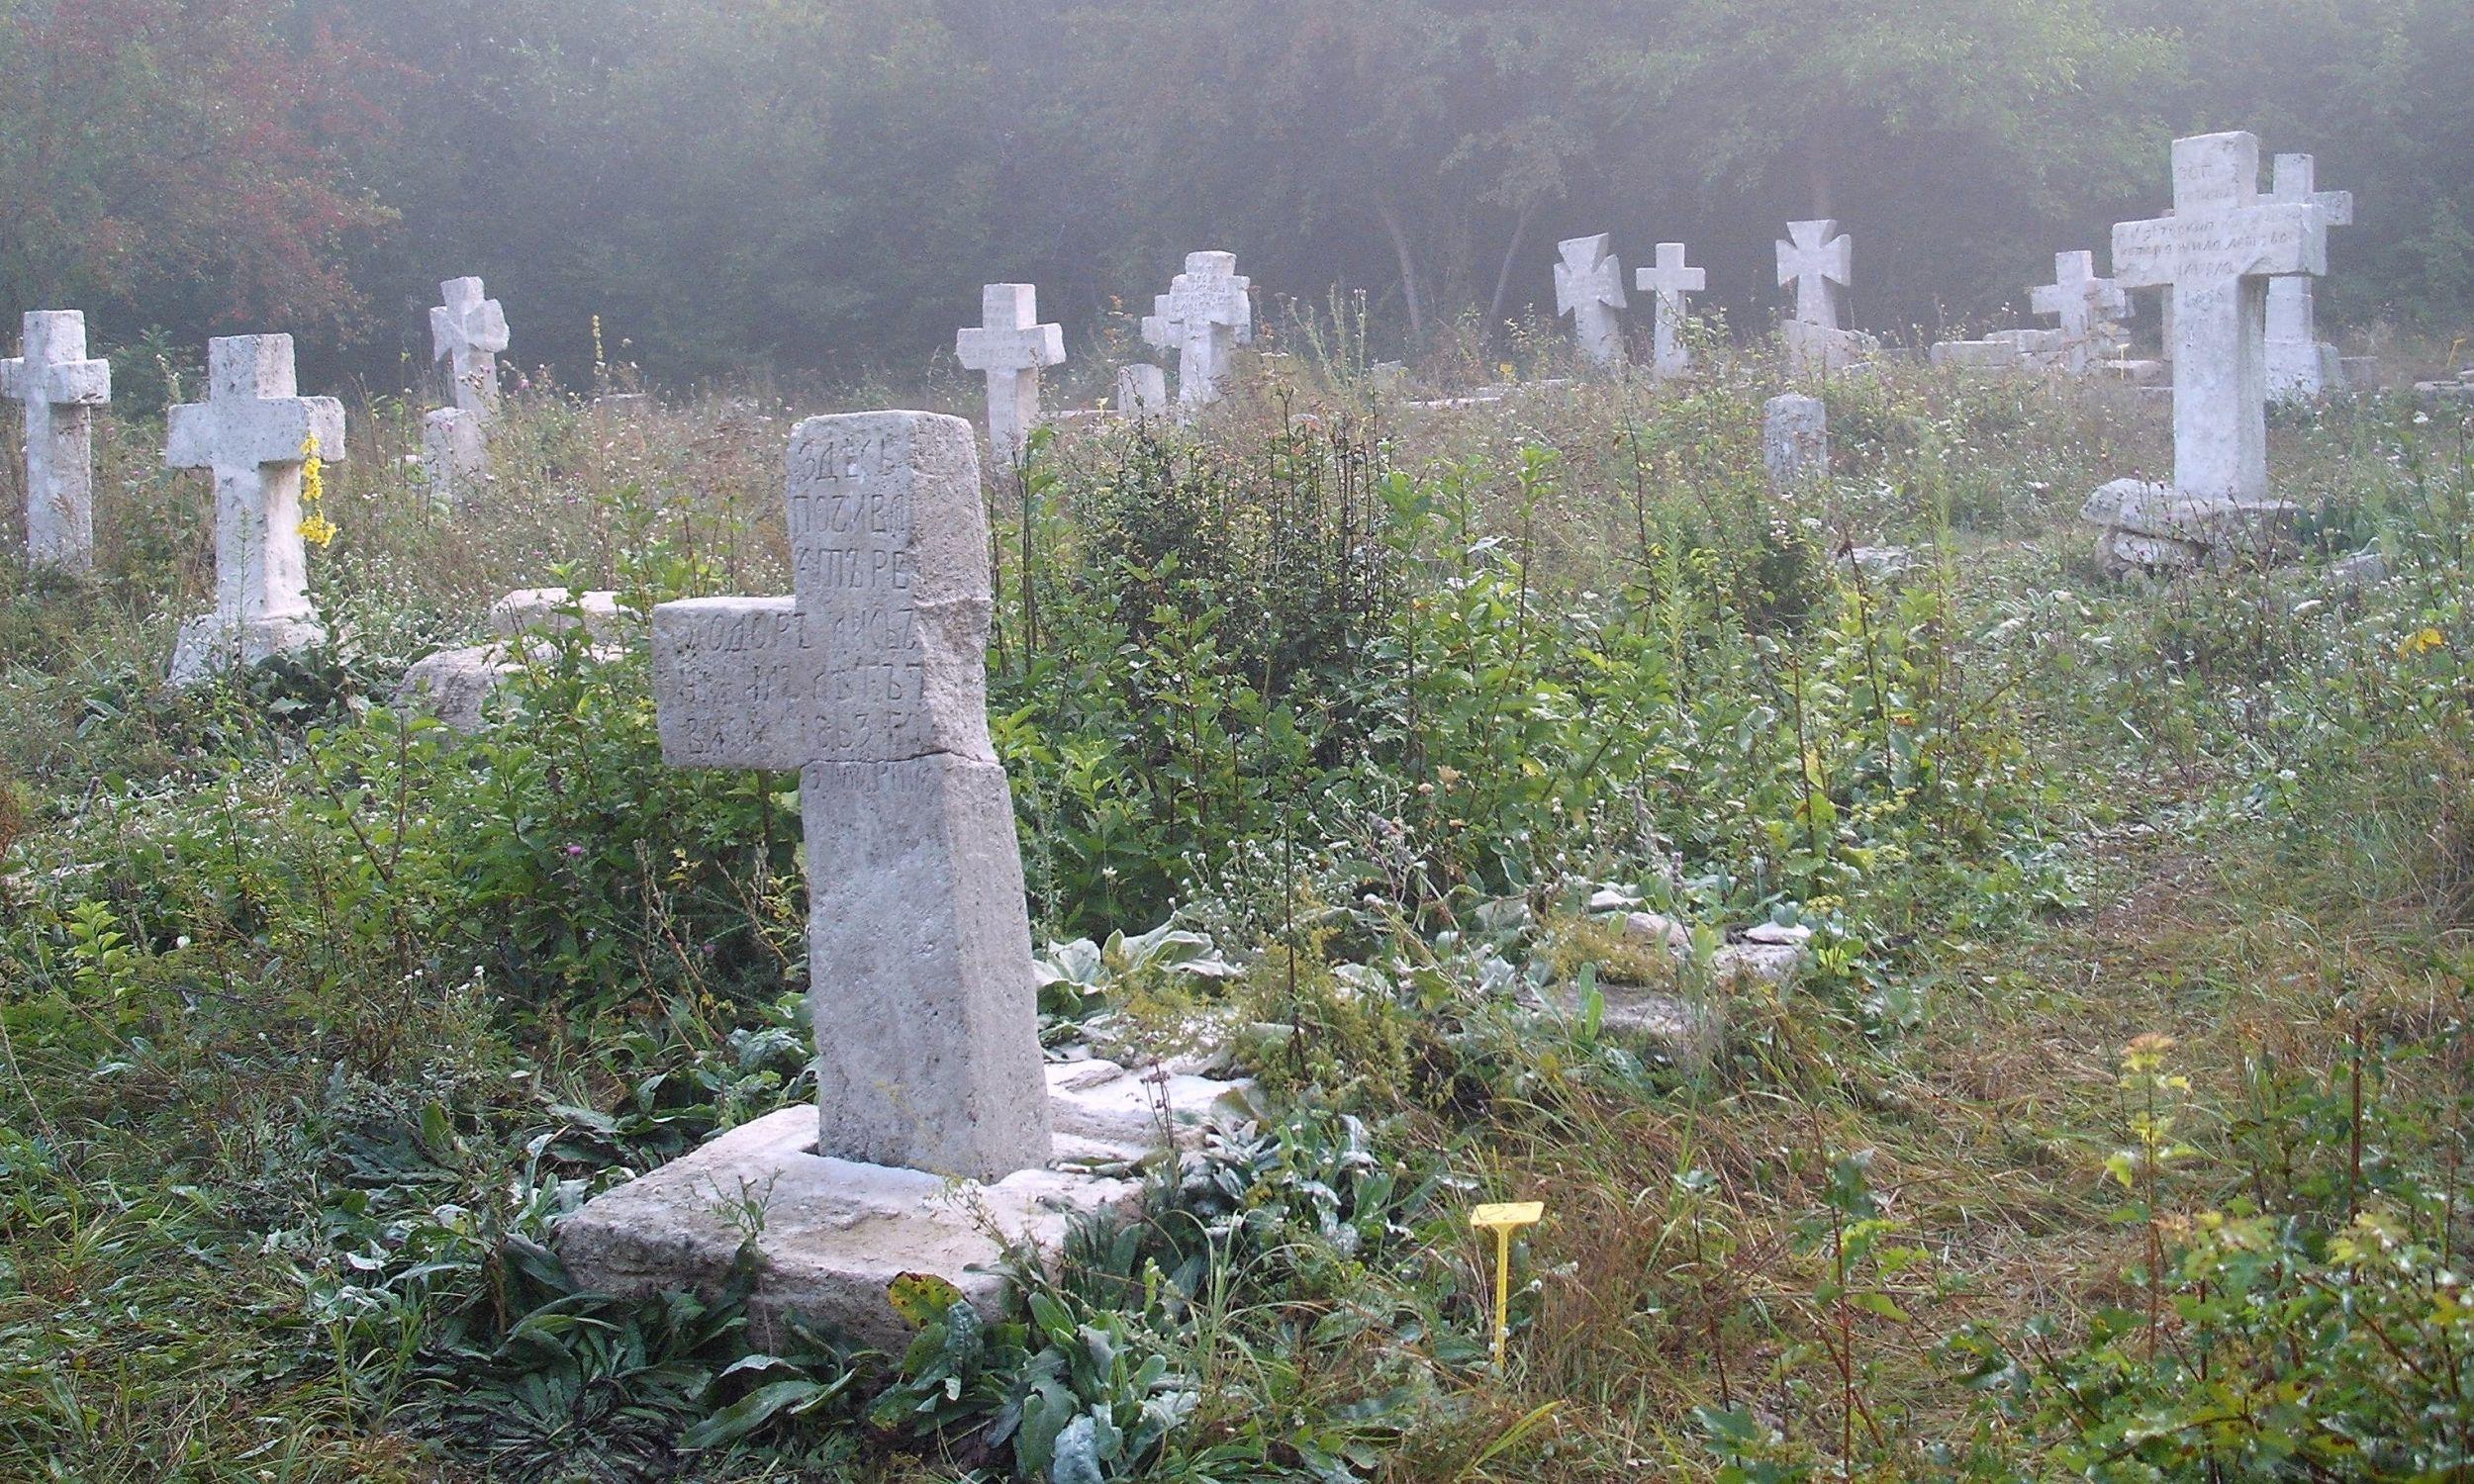 Najstarszy z cmentarzy prawosławnych w Prytulivce, remontowany w 2012 roku przez Stowarzyszenie Magurycz. Fot. Wikimedia/Birczanin – praca własna, CC BY-SA 3.0